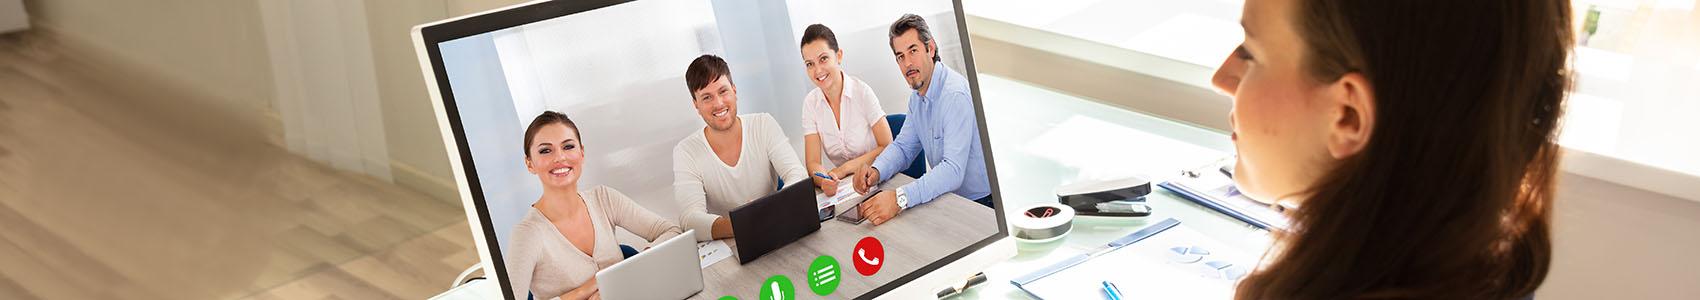 5 outils de visioconférence pour communiquer à distance